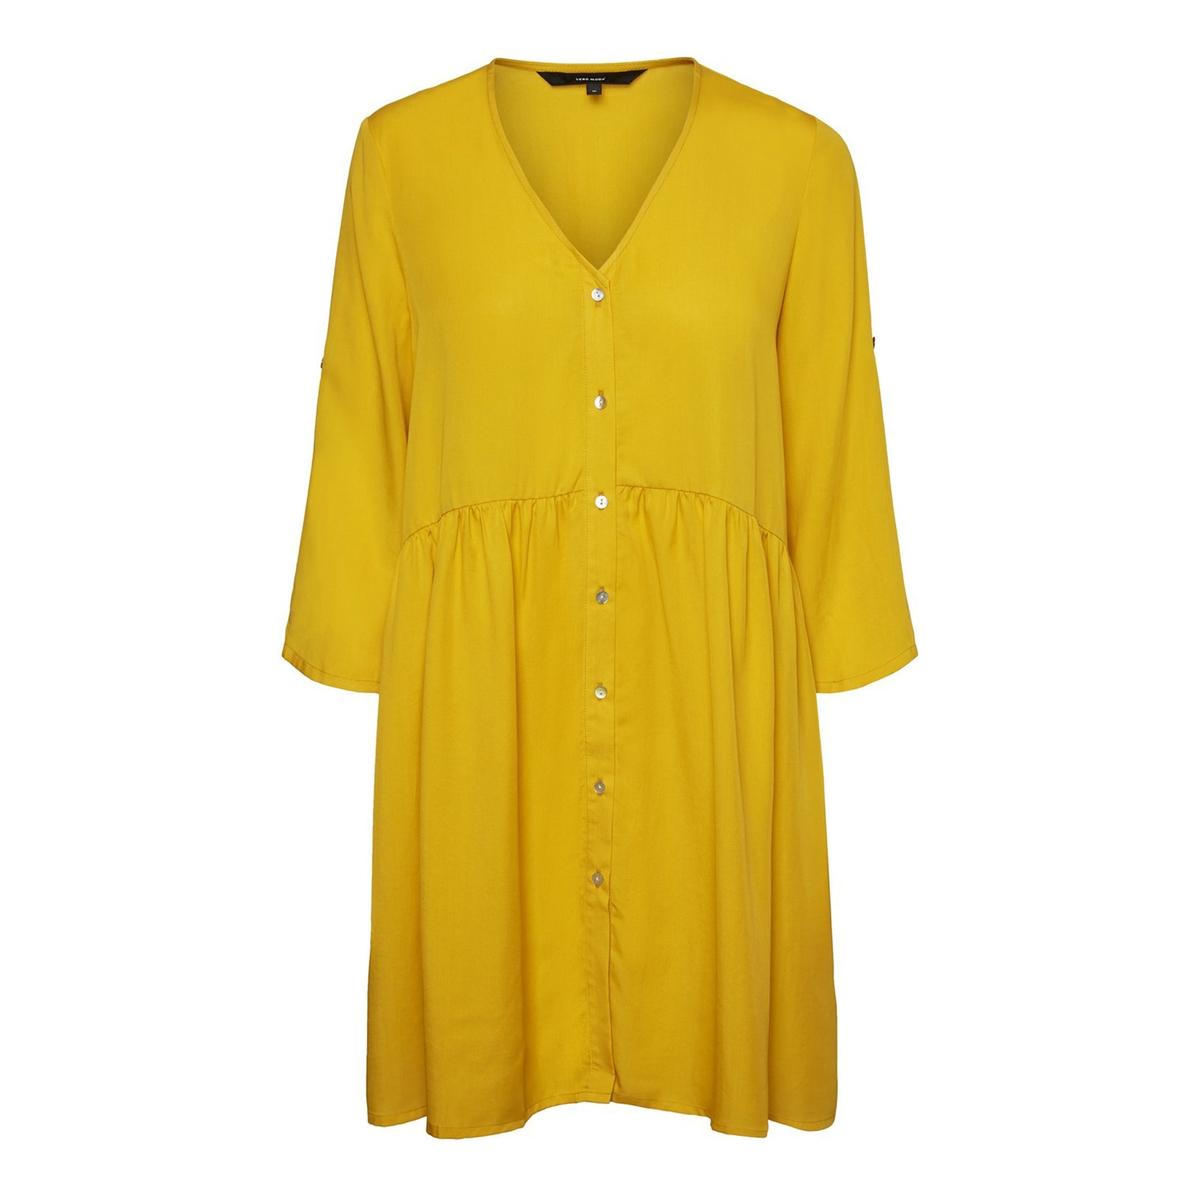 цена Платье La Redoute Расклешенное с V-образным вырезом и рукавами S каштановый онлайн в 2017 году